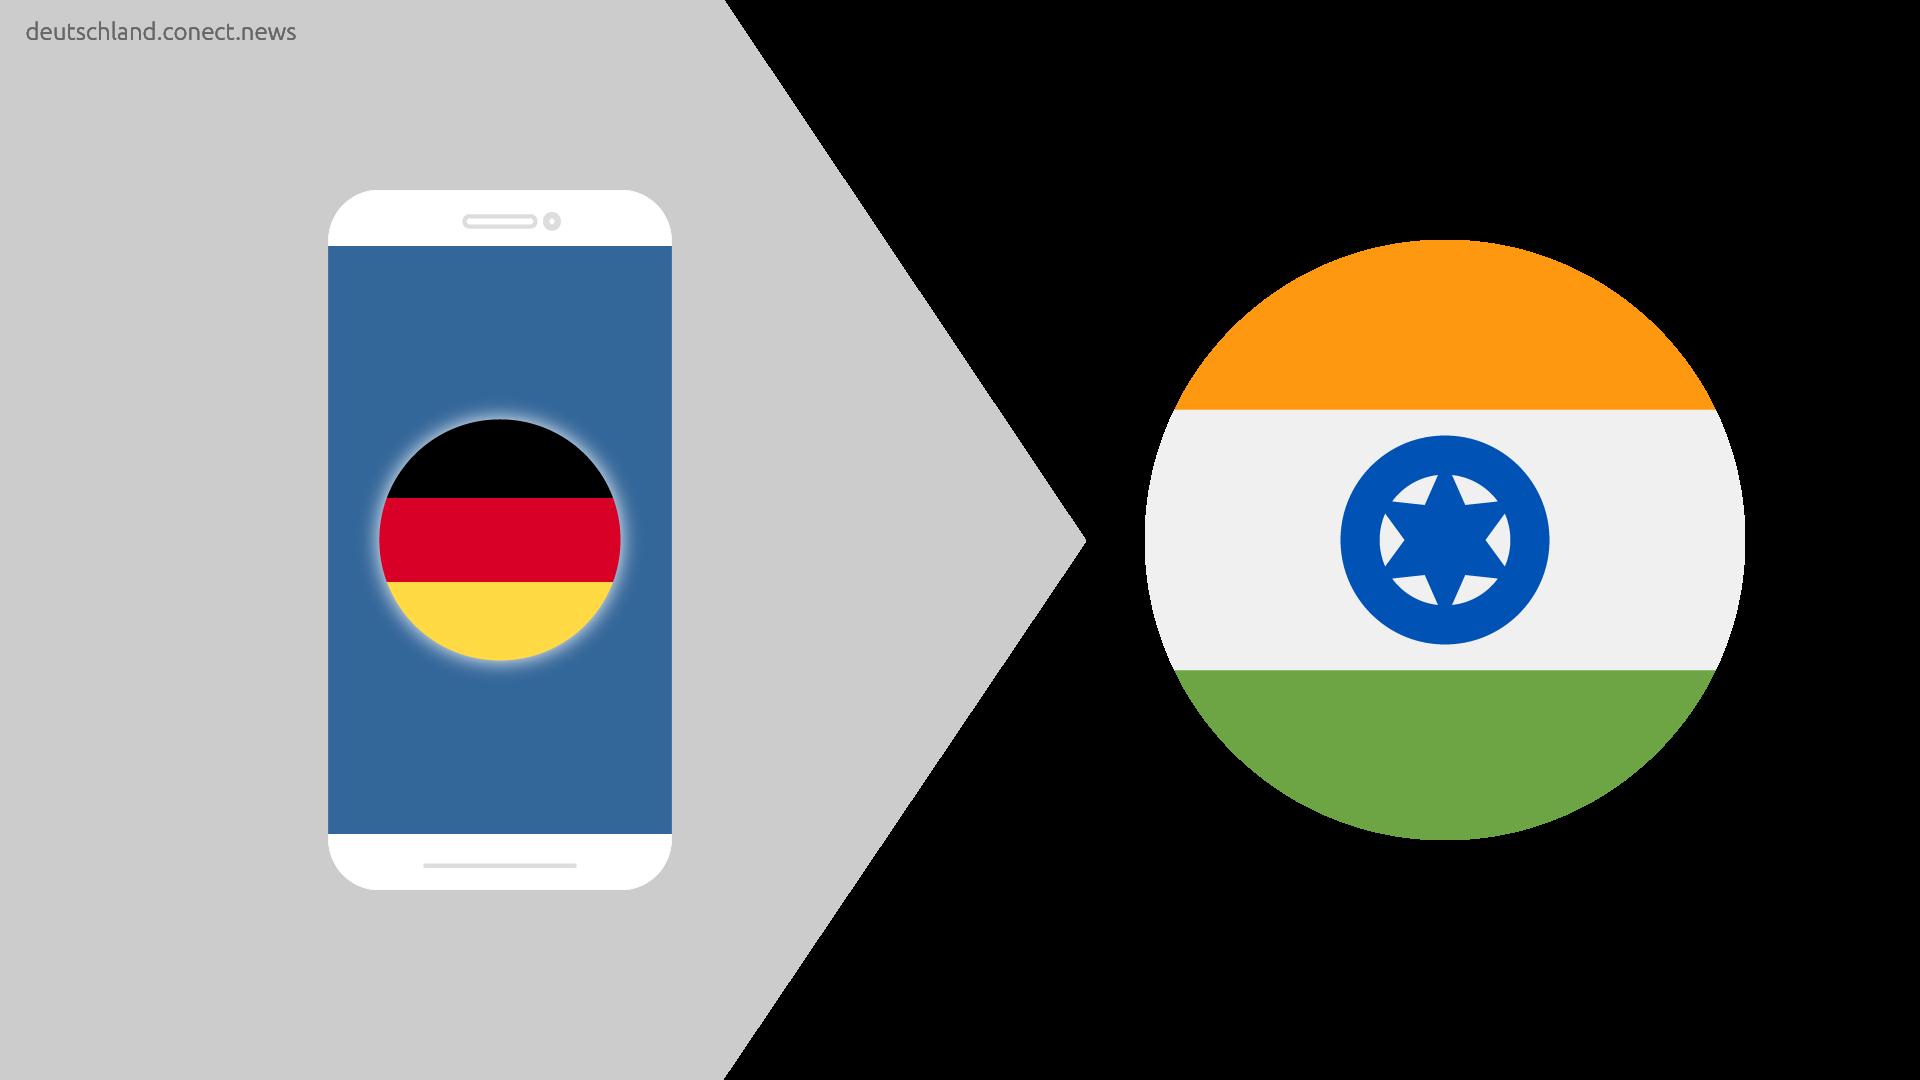 Günstiger von Deutschland nach Indien @conetc_news